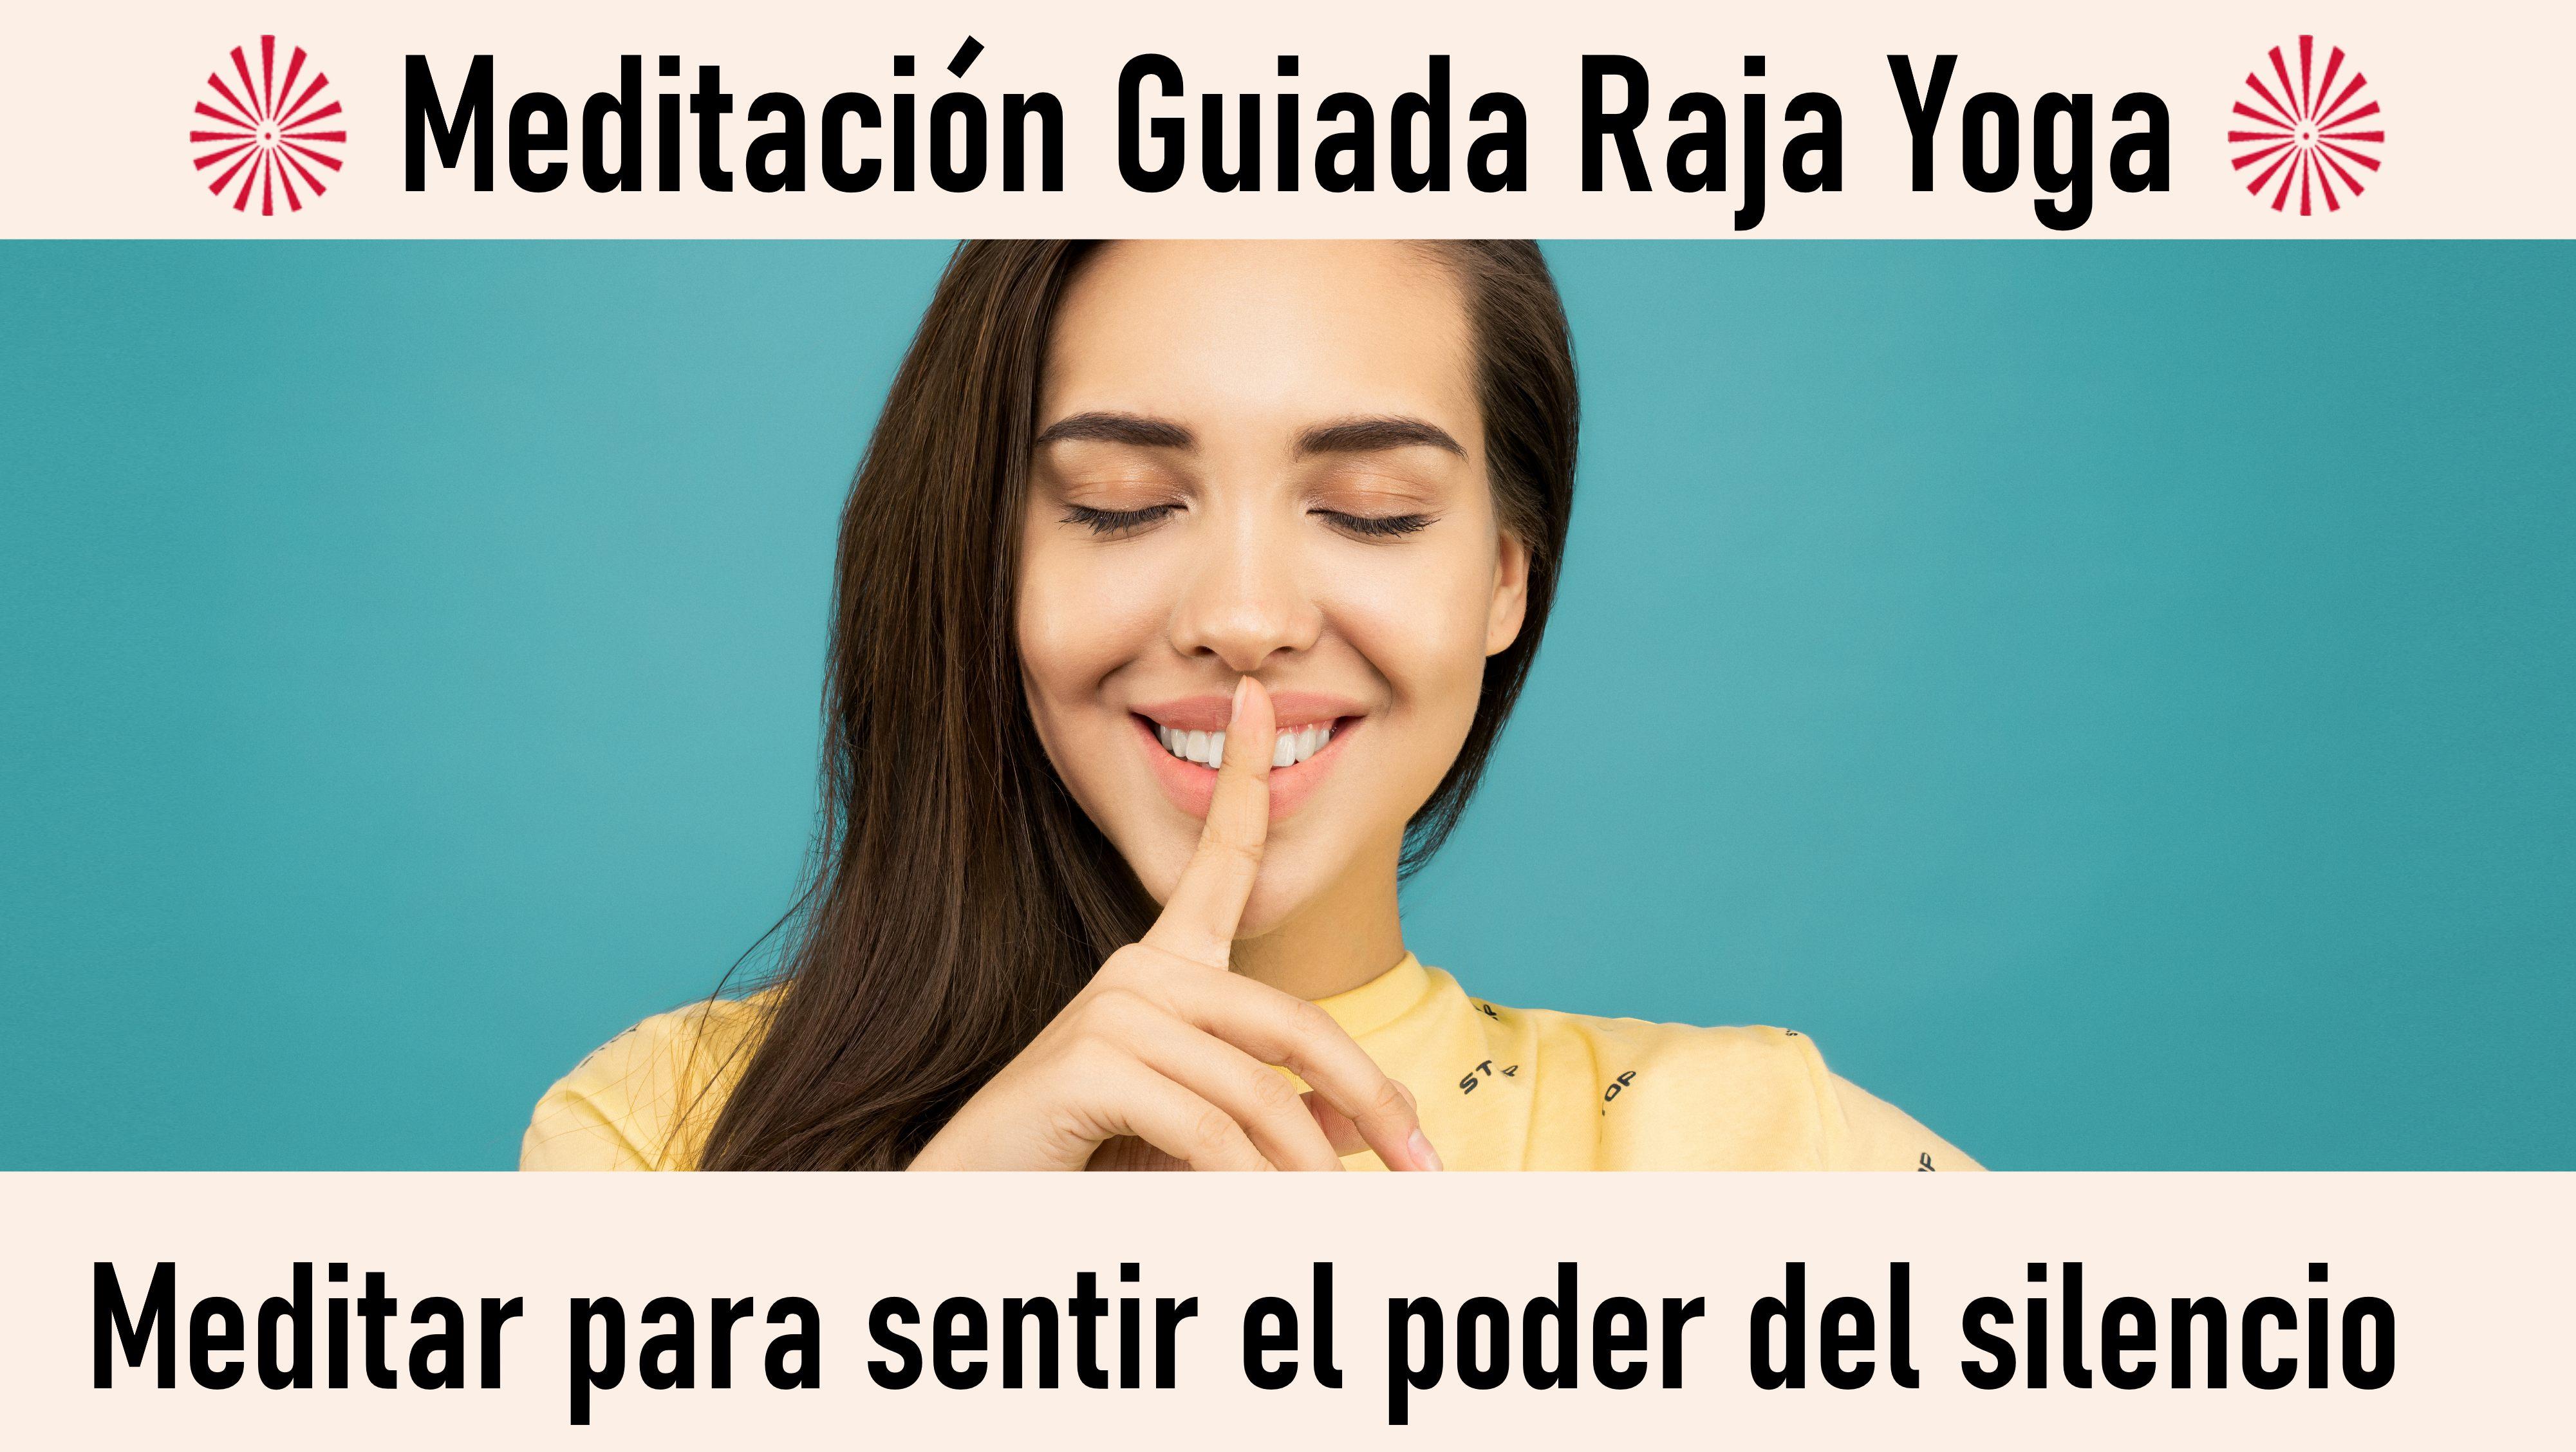 Meditación Raja Yoga: Meditar para sentir el poder del silencio (7 Octubre 2020) On-line desde Sevilla